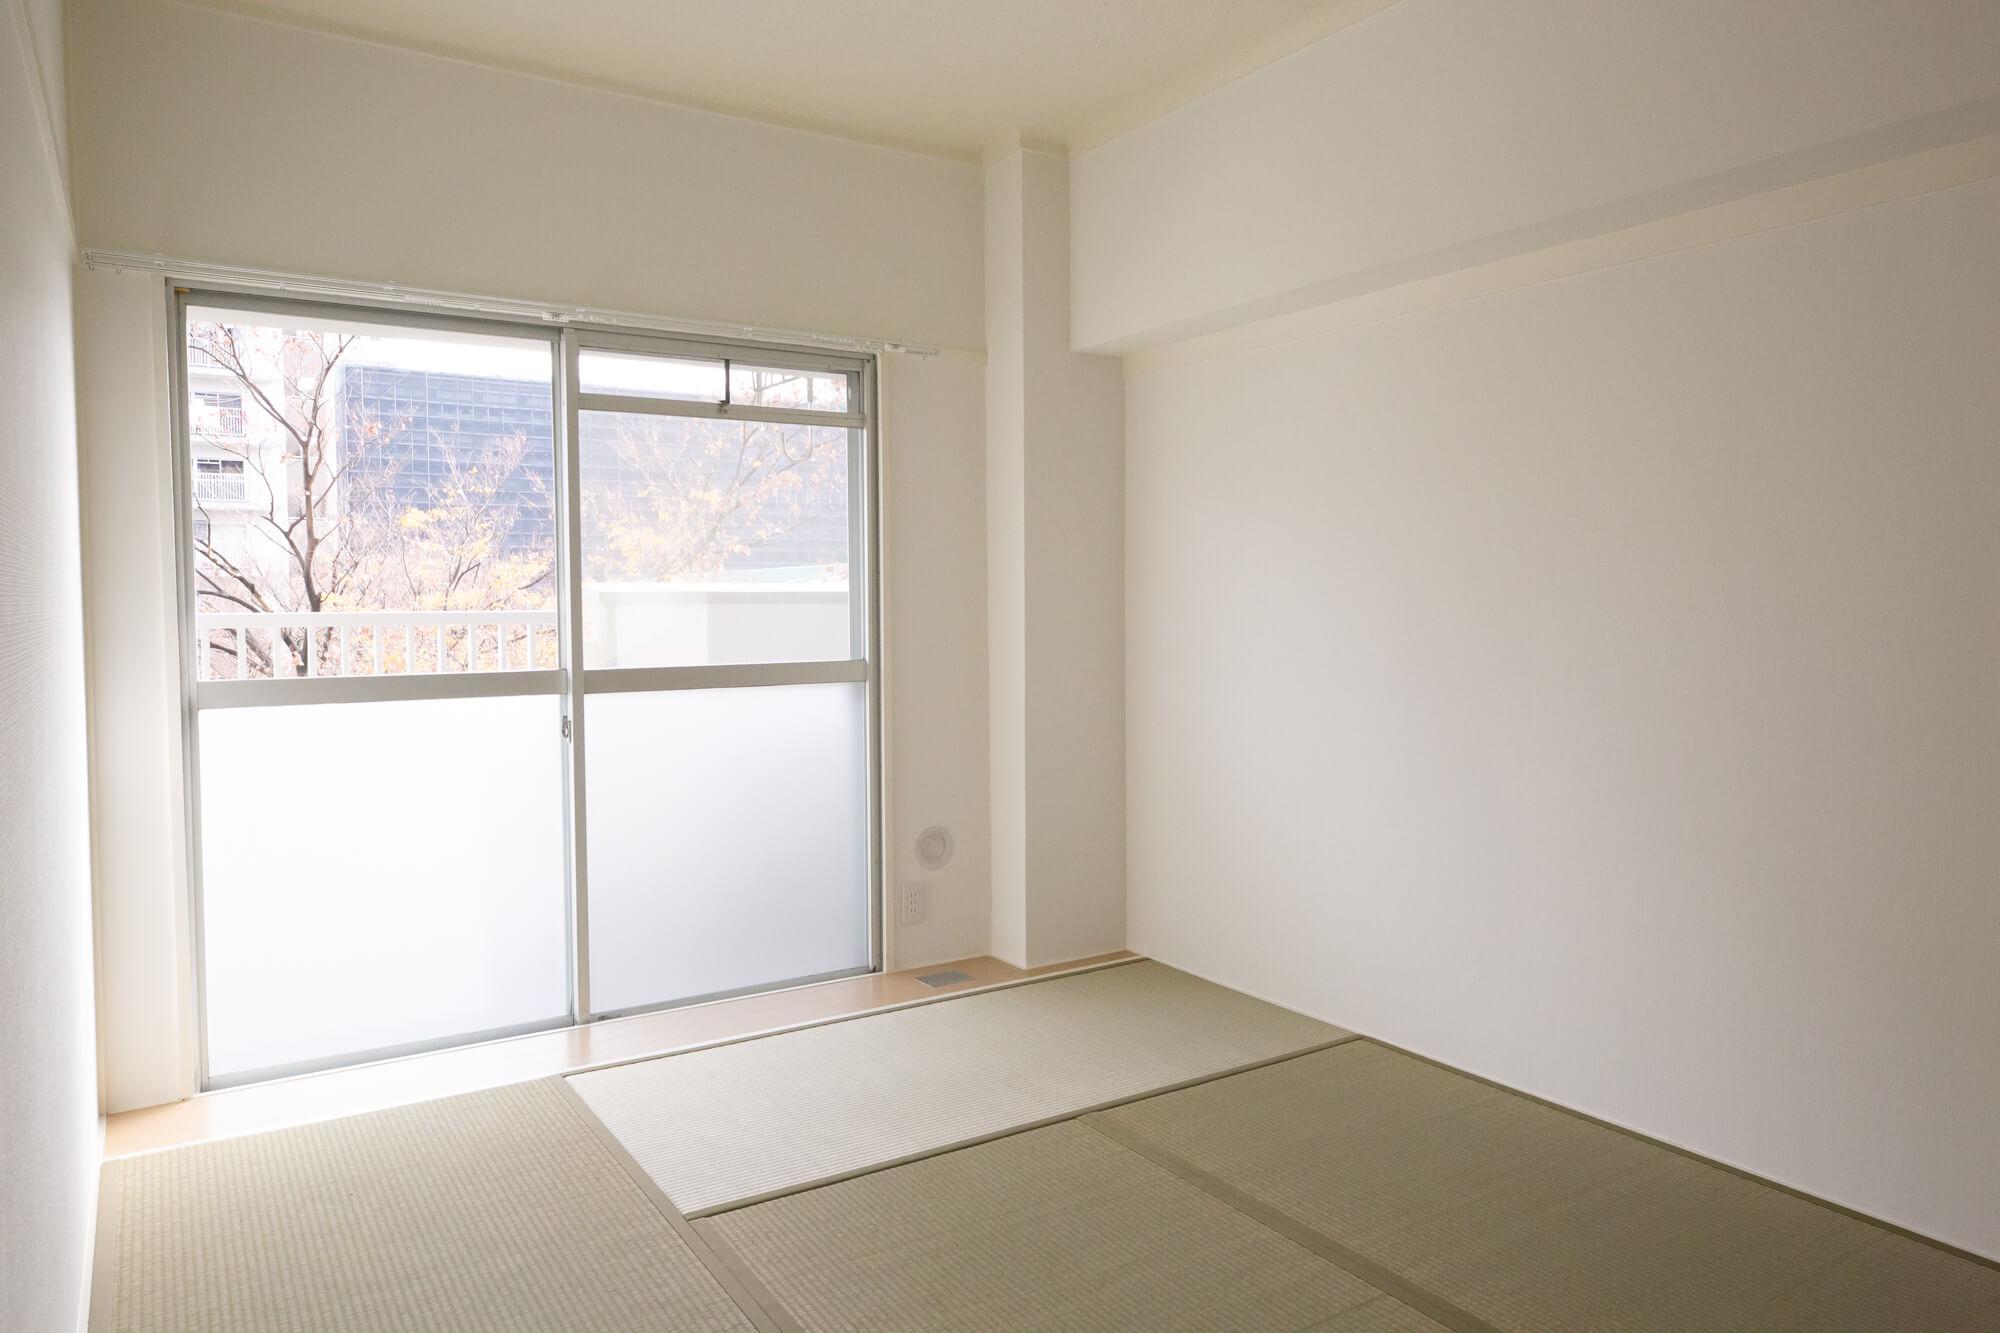 残りの2部屋は、床座でも落ち着ける和室。襖や壁も白で統一されているので、とても明るい印象でした。